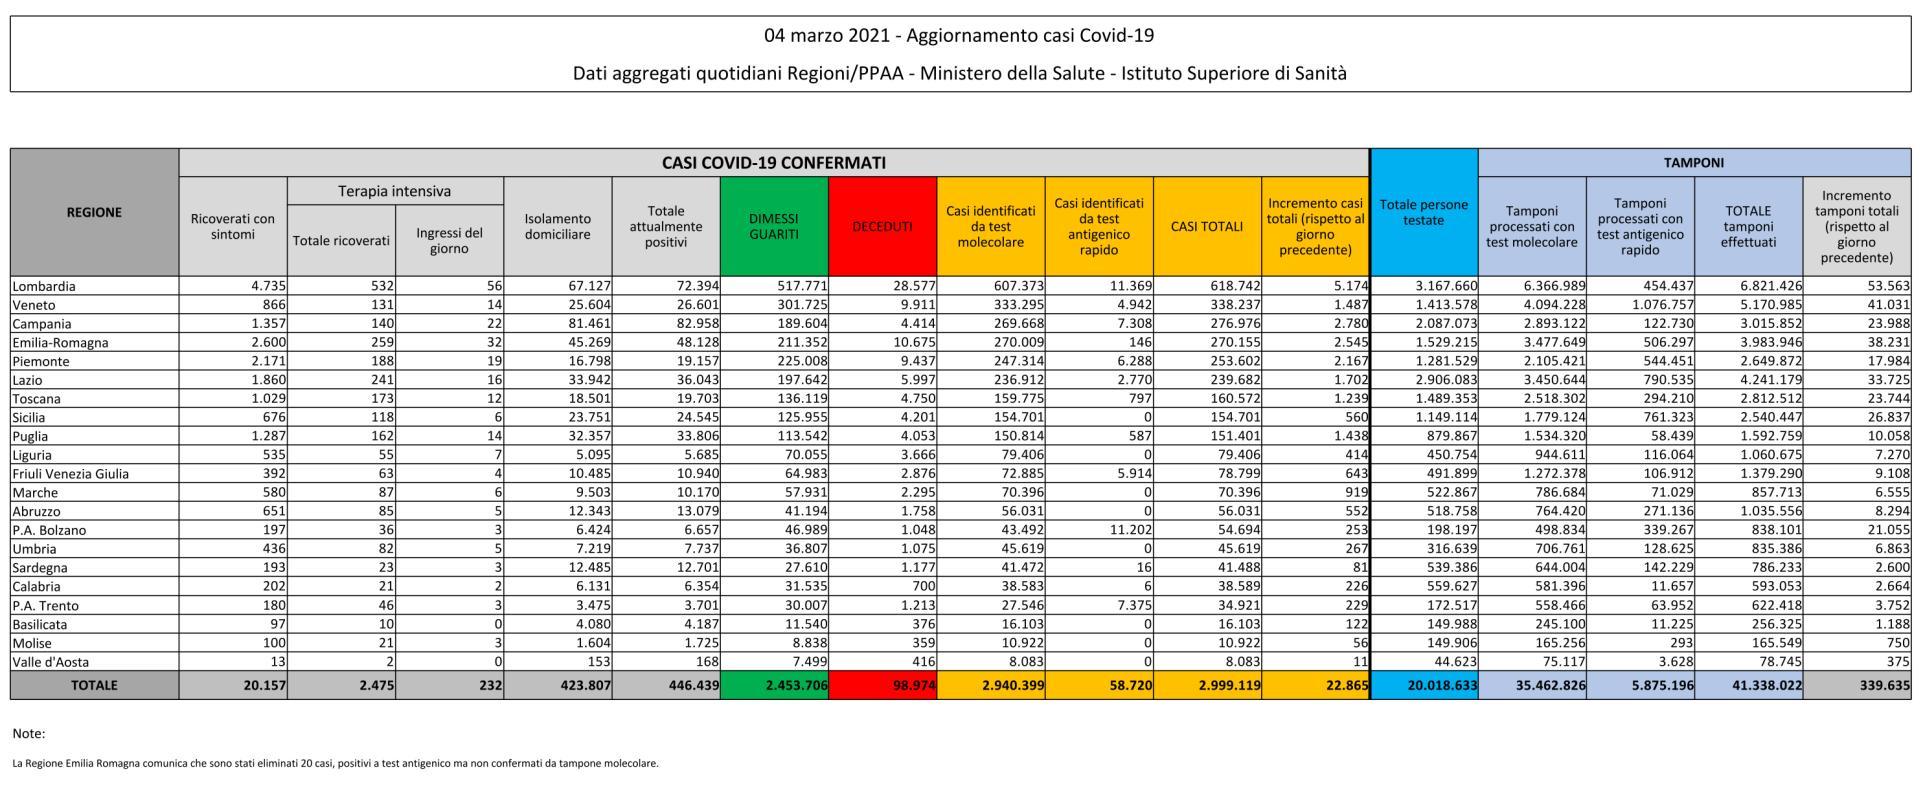 4 marzo 2021 - Aggiornamento casi Covid-19 Dati aggregati quotidiani Regioni/PPAA - Ministero della Salute - Istituto Superiore di Sanità